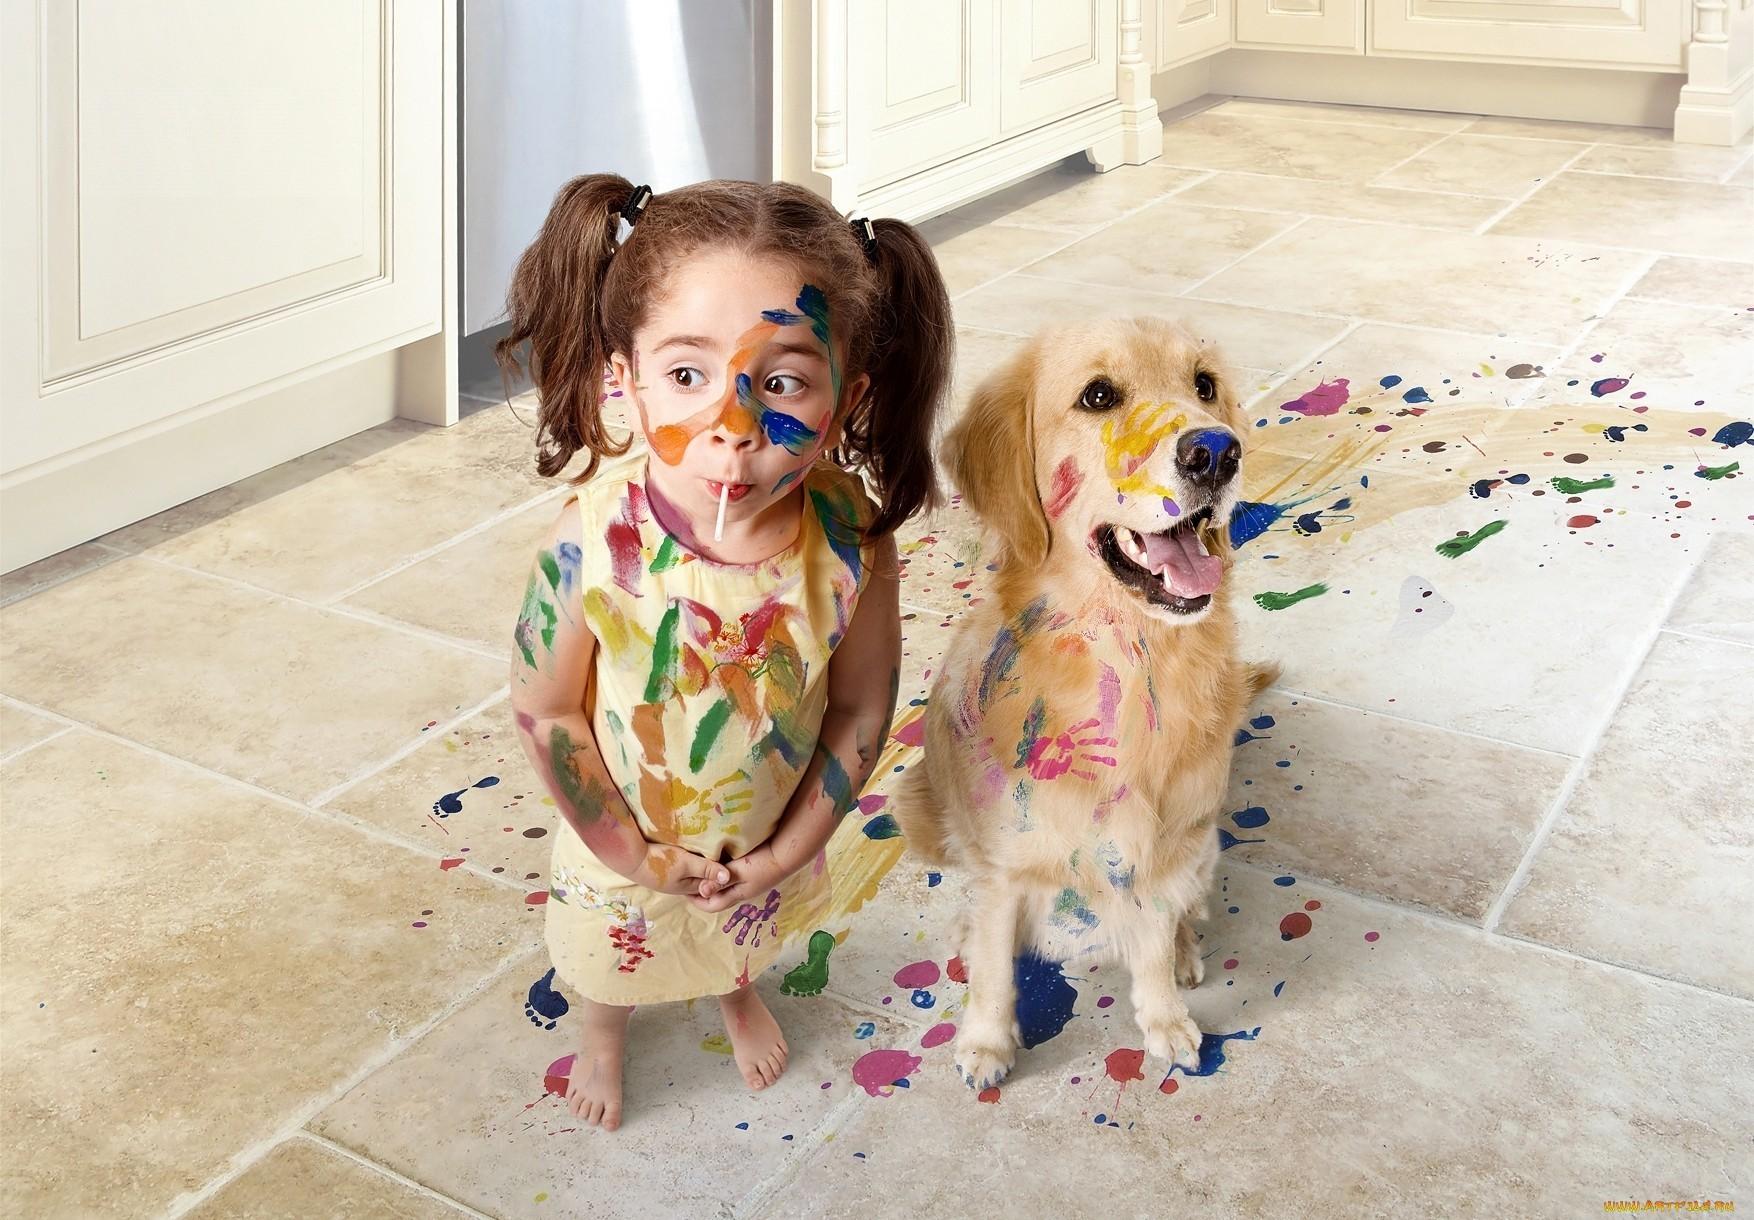 Картинки с забавными животными для детей, картинки роман